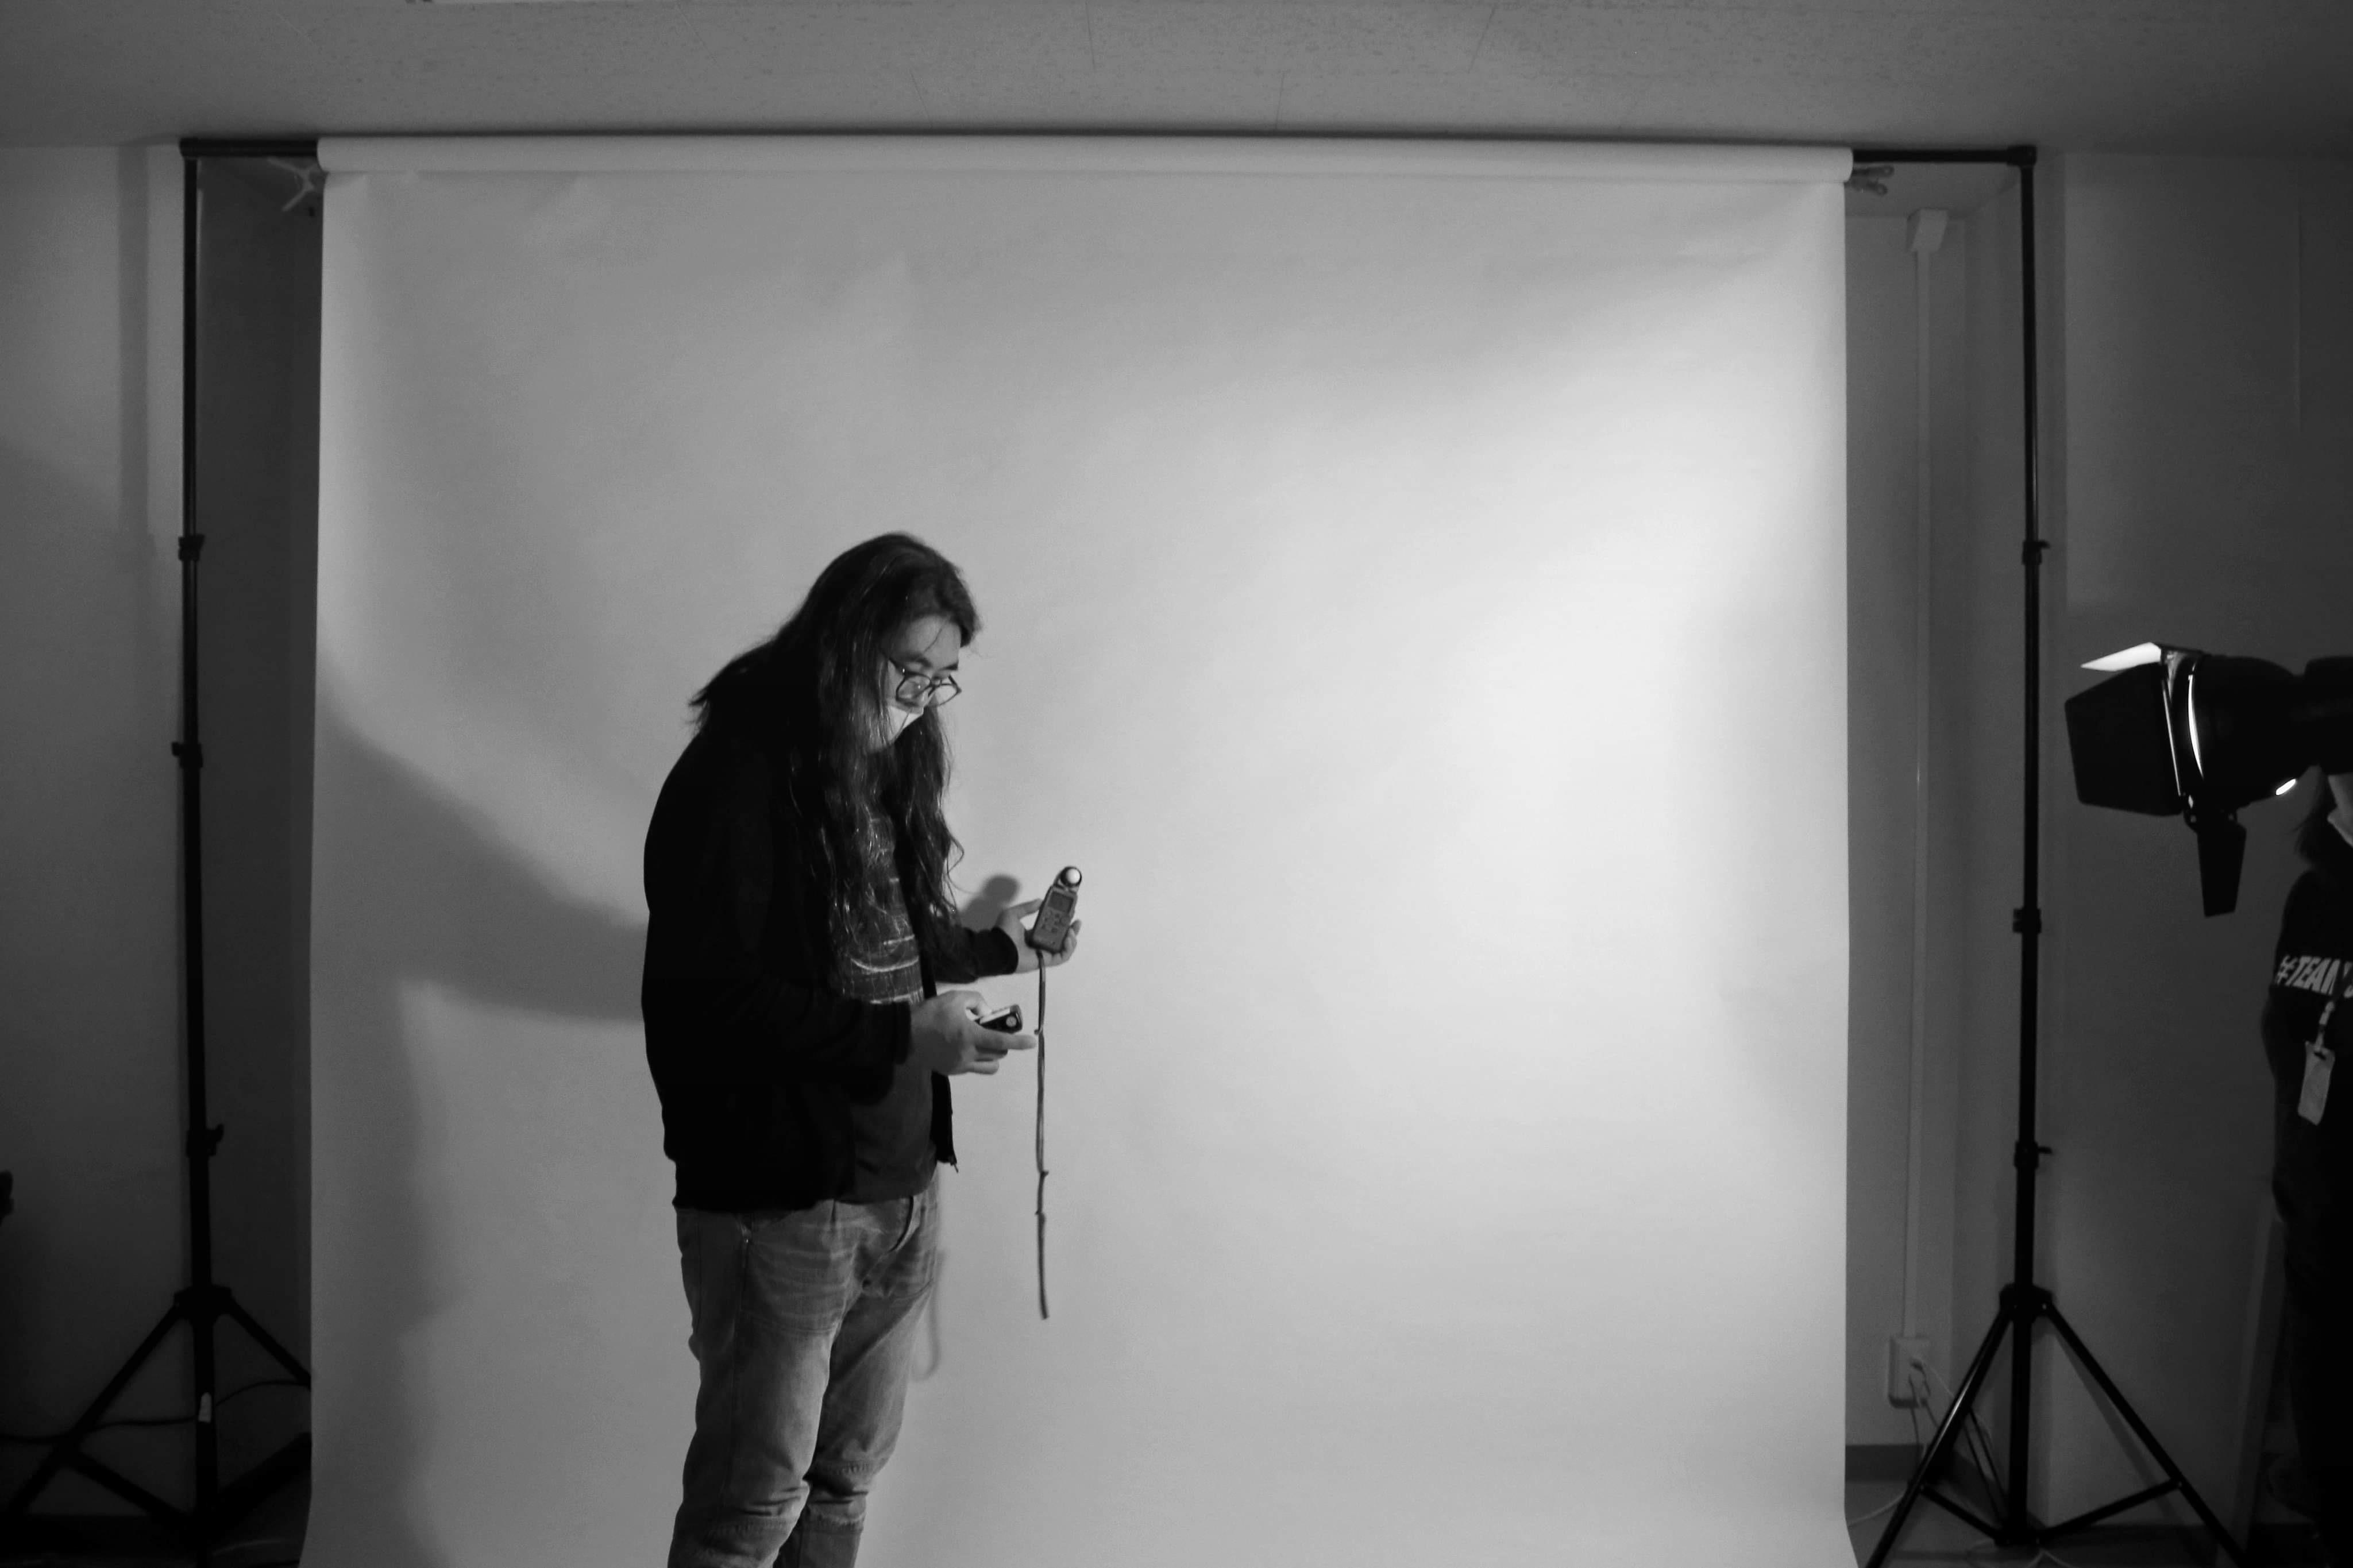 PESSOAS QUE INSPIRAM: Marcio Saiki, fotógrafo e professor de fotografia no Japão